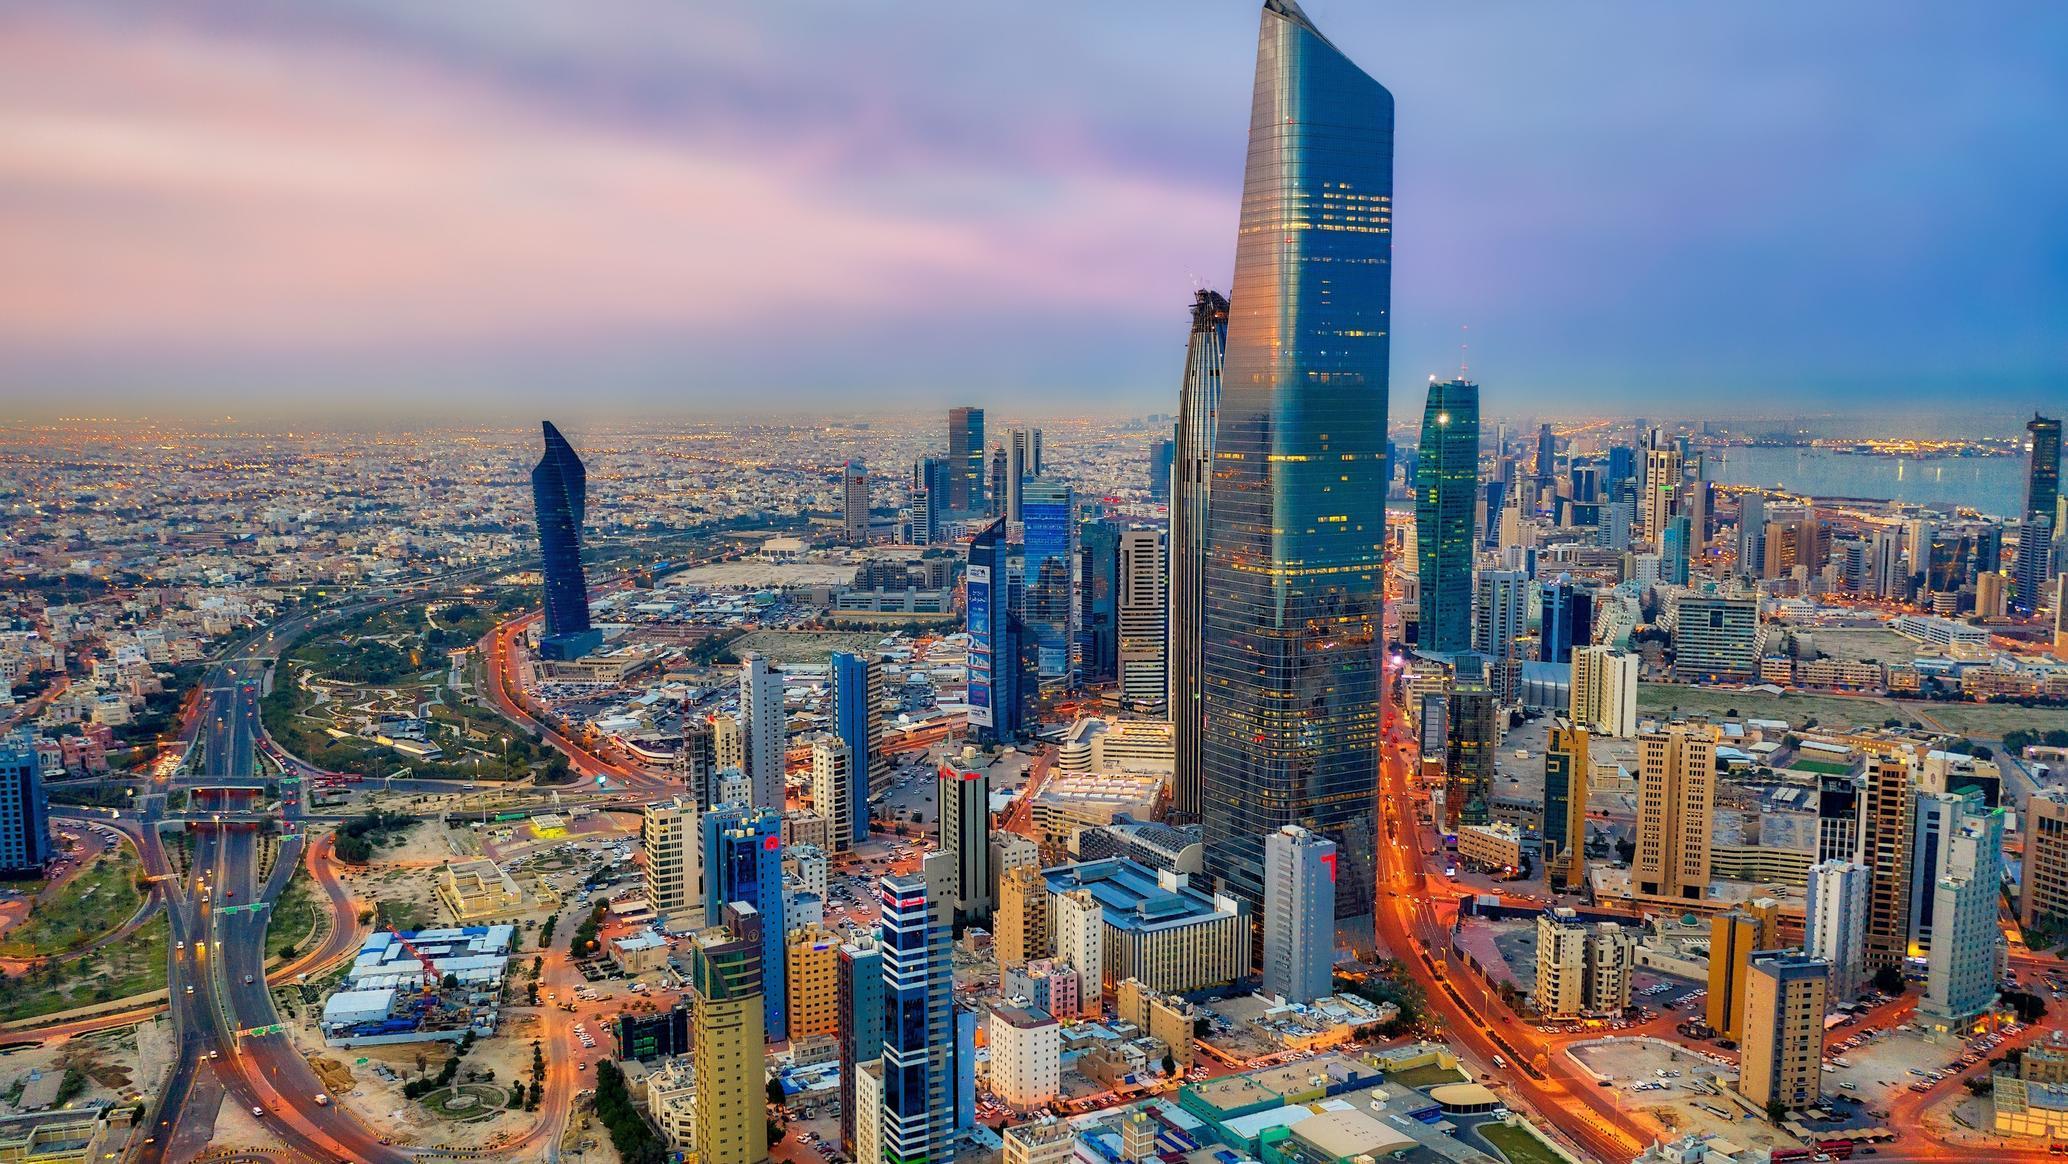 هزة أرضية تضرب الكويت بقوة 4.5 على مقياس ريختر في منطقة المناقيش وبعمق 8 كم